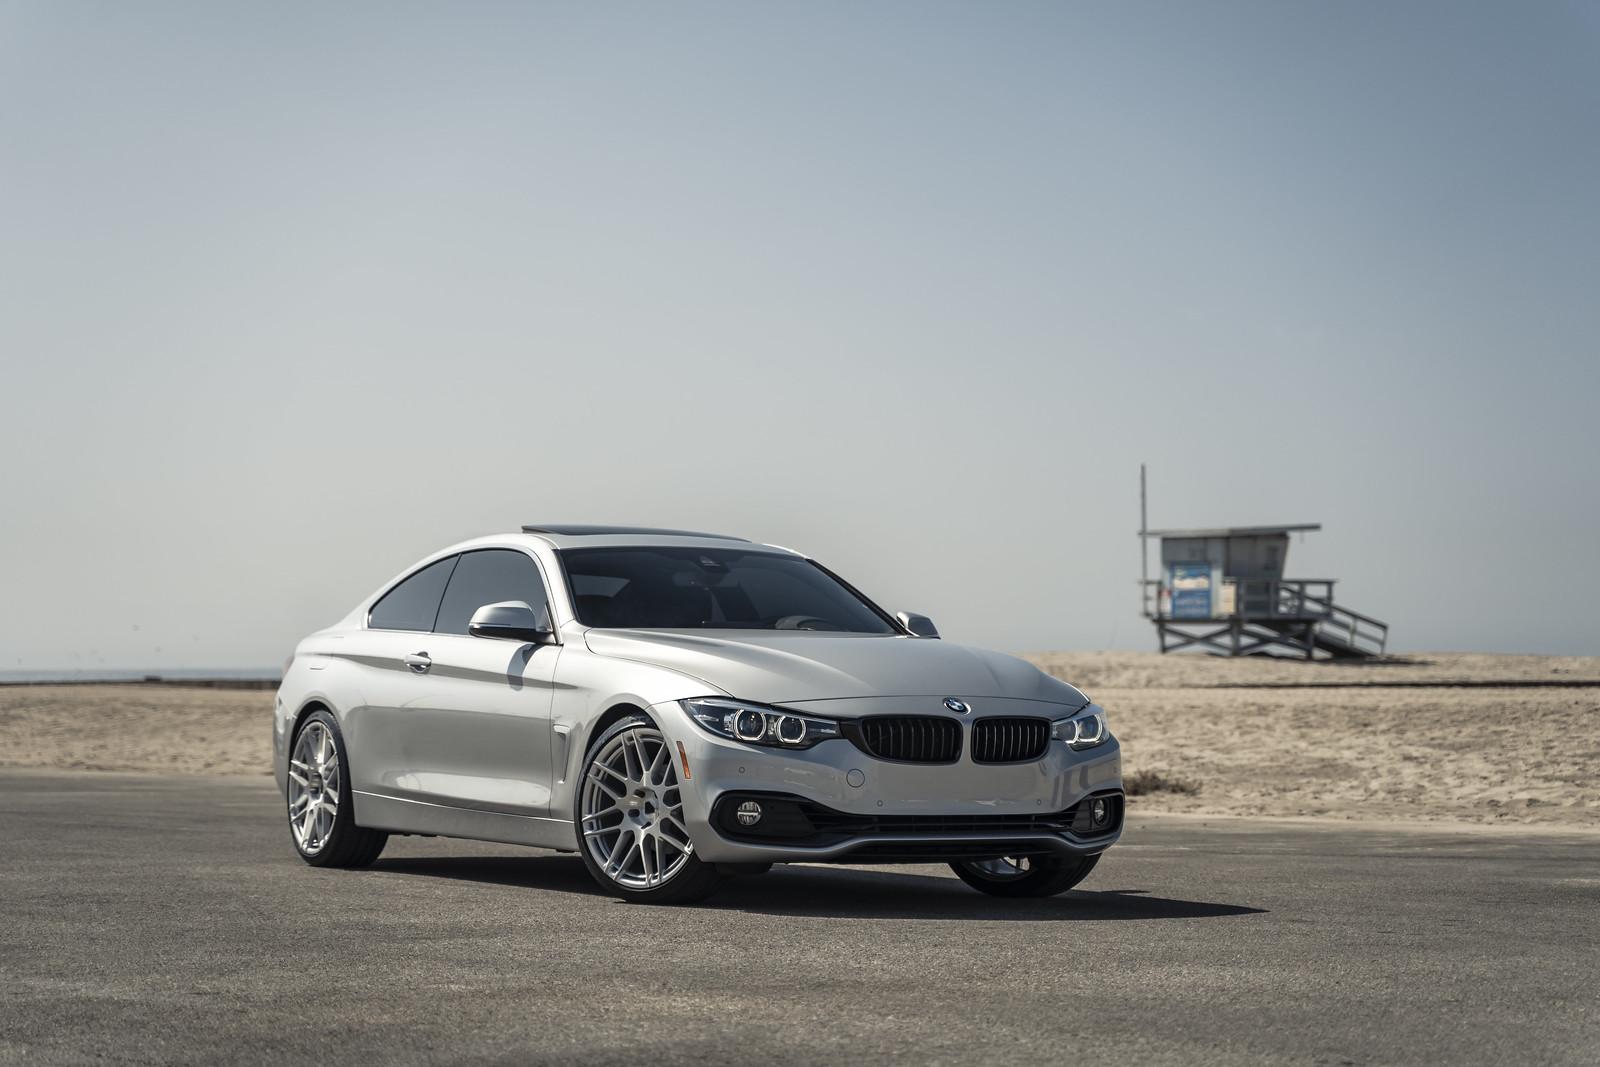 2020_BMW_430i_BDF12_Brushed_Silver_5